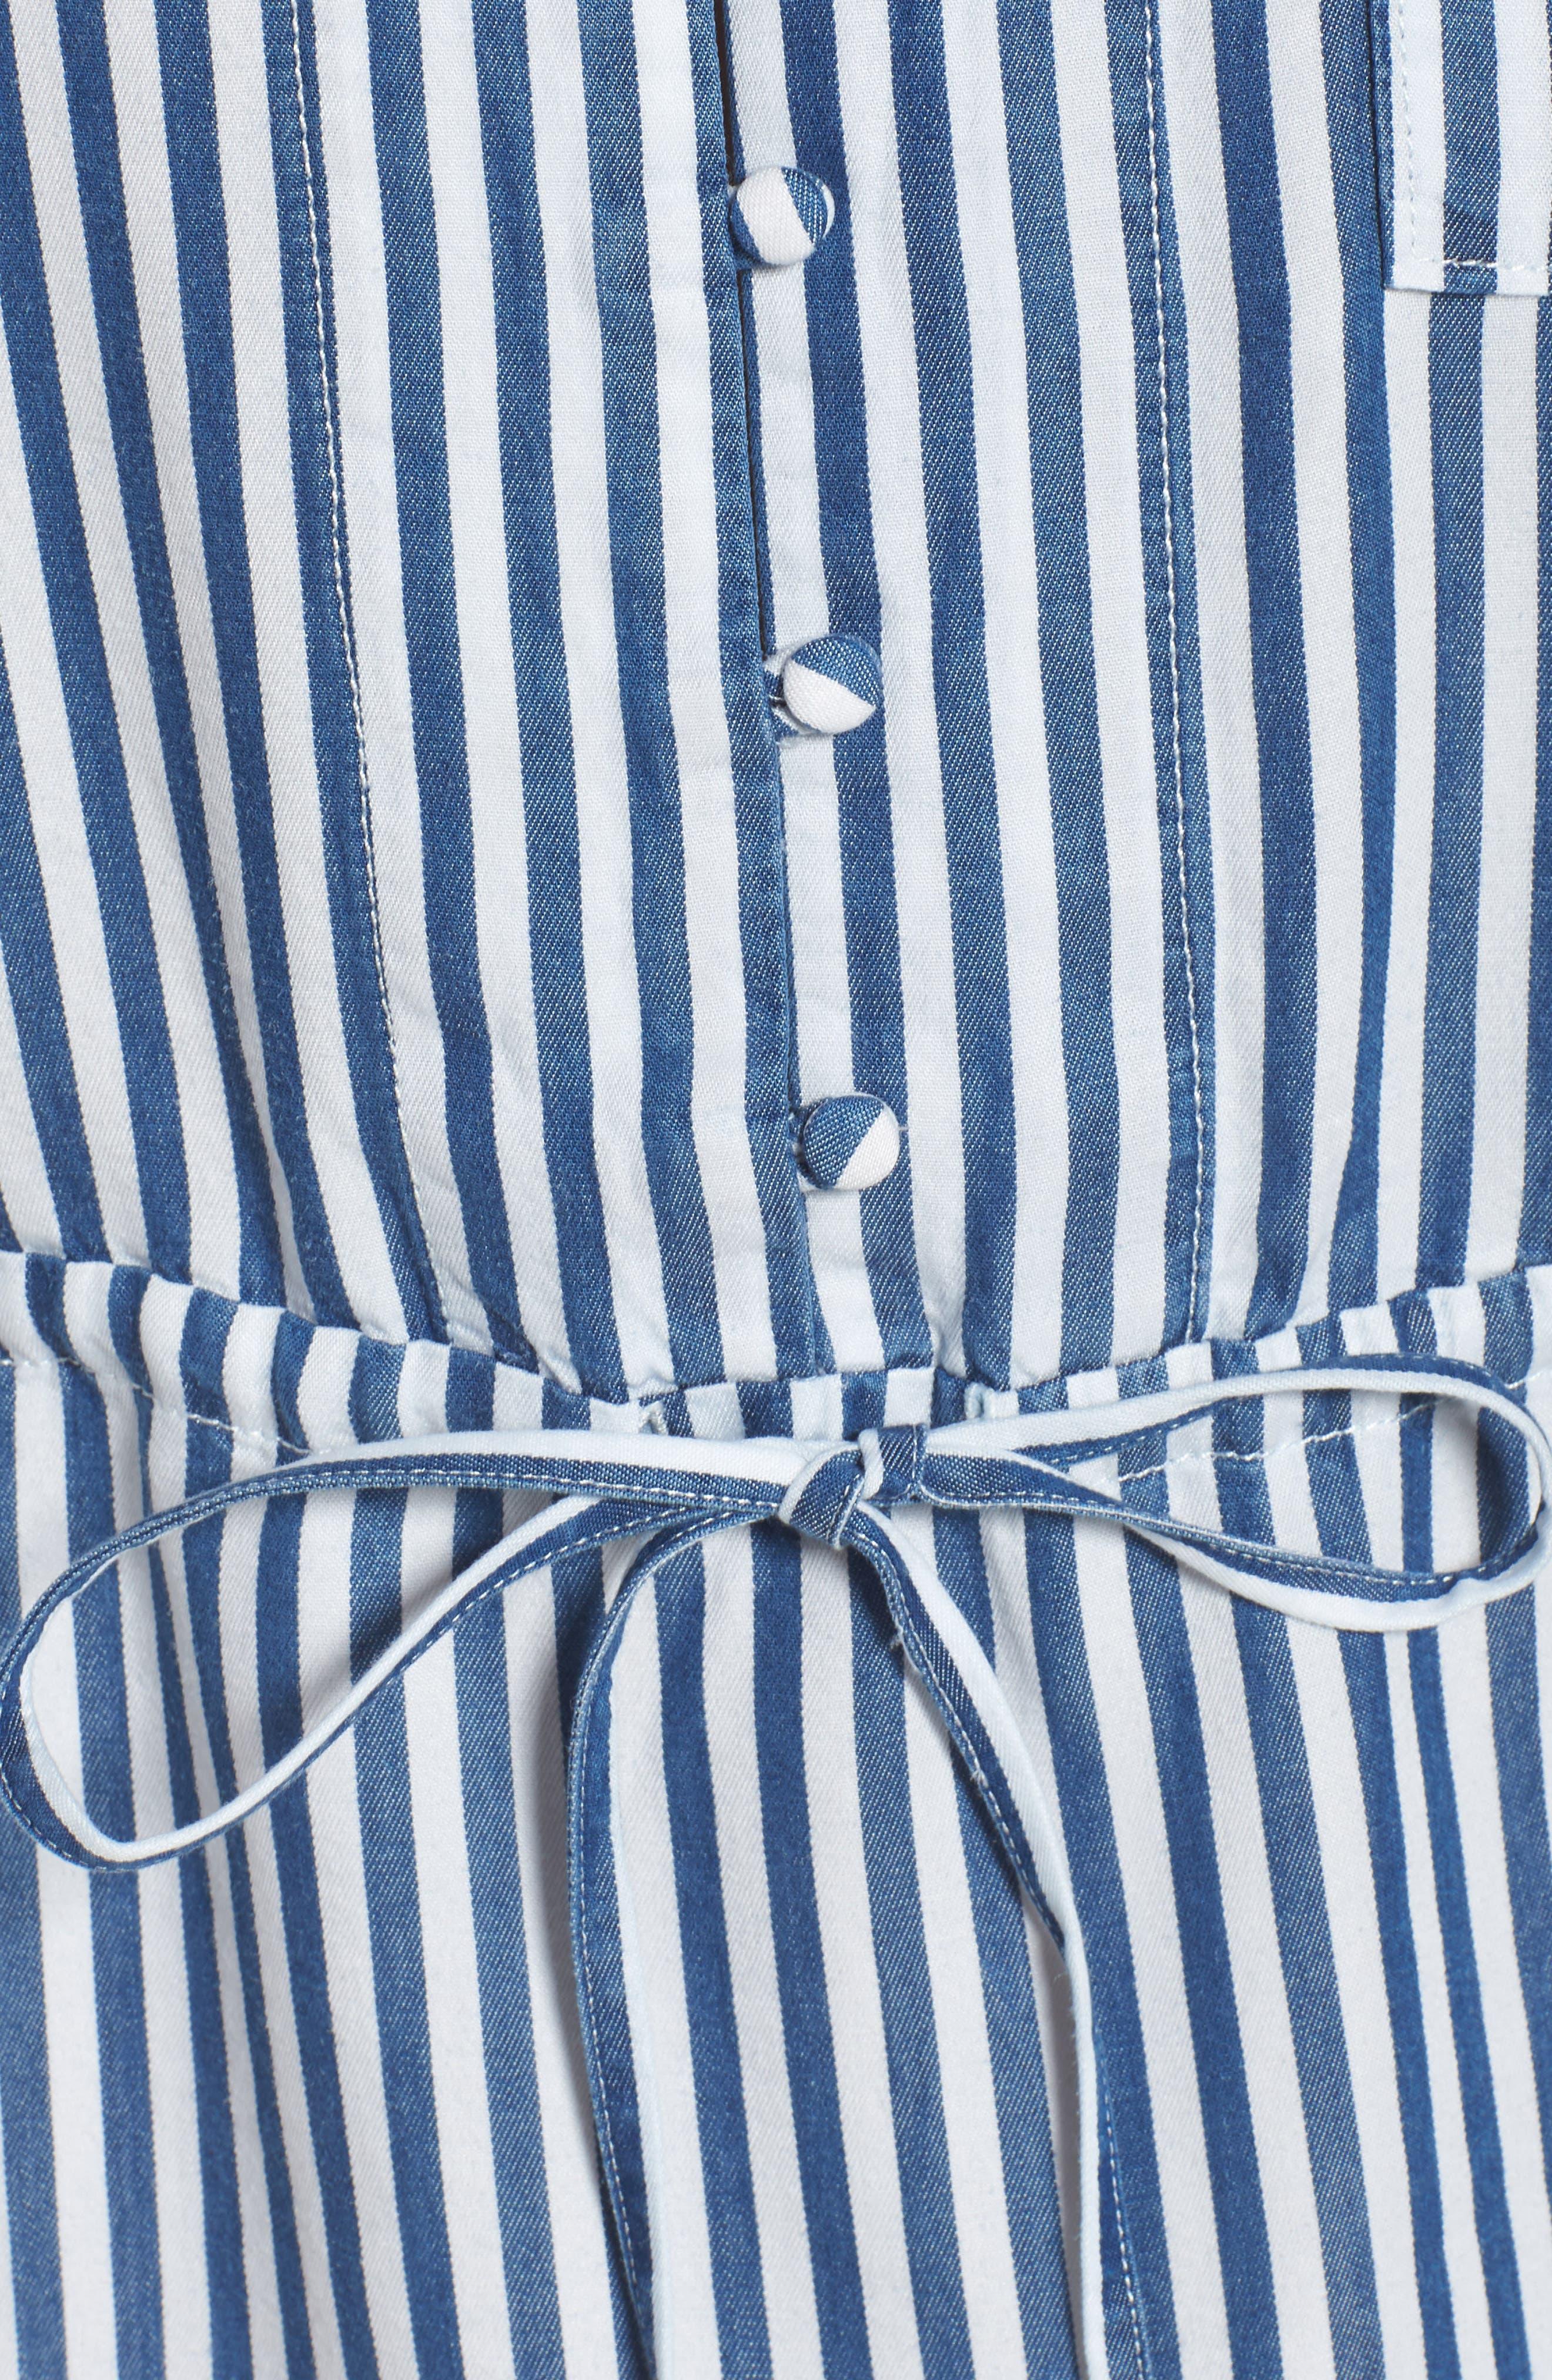 Haidee Stripe Shift Dress,                             Alternate thumbnail 6, color,                             WHITE/ BLUE BELL STRIPE